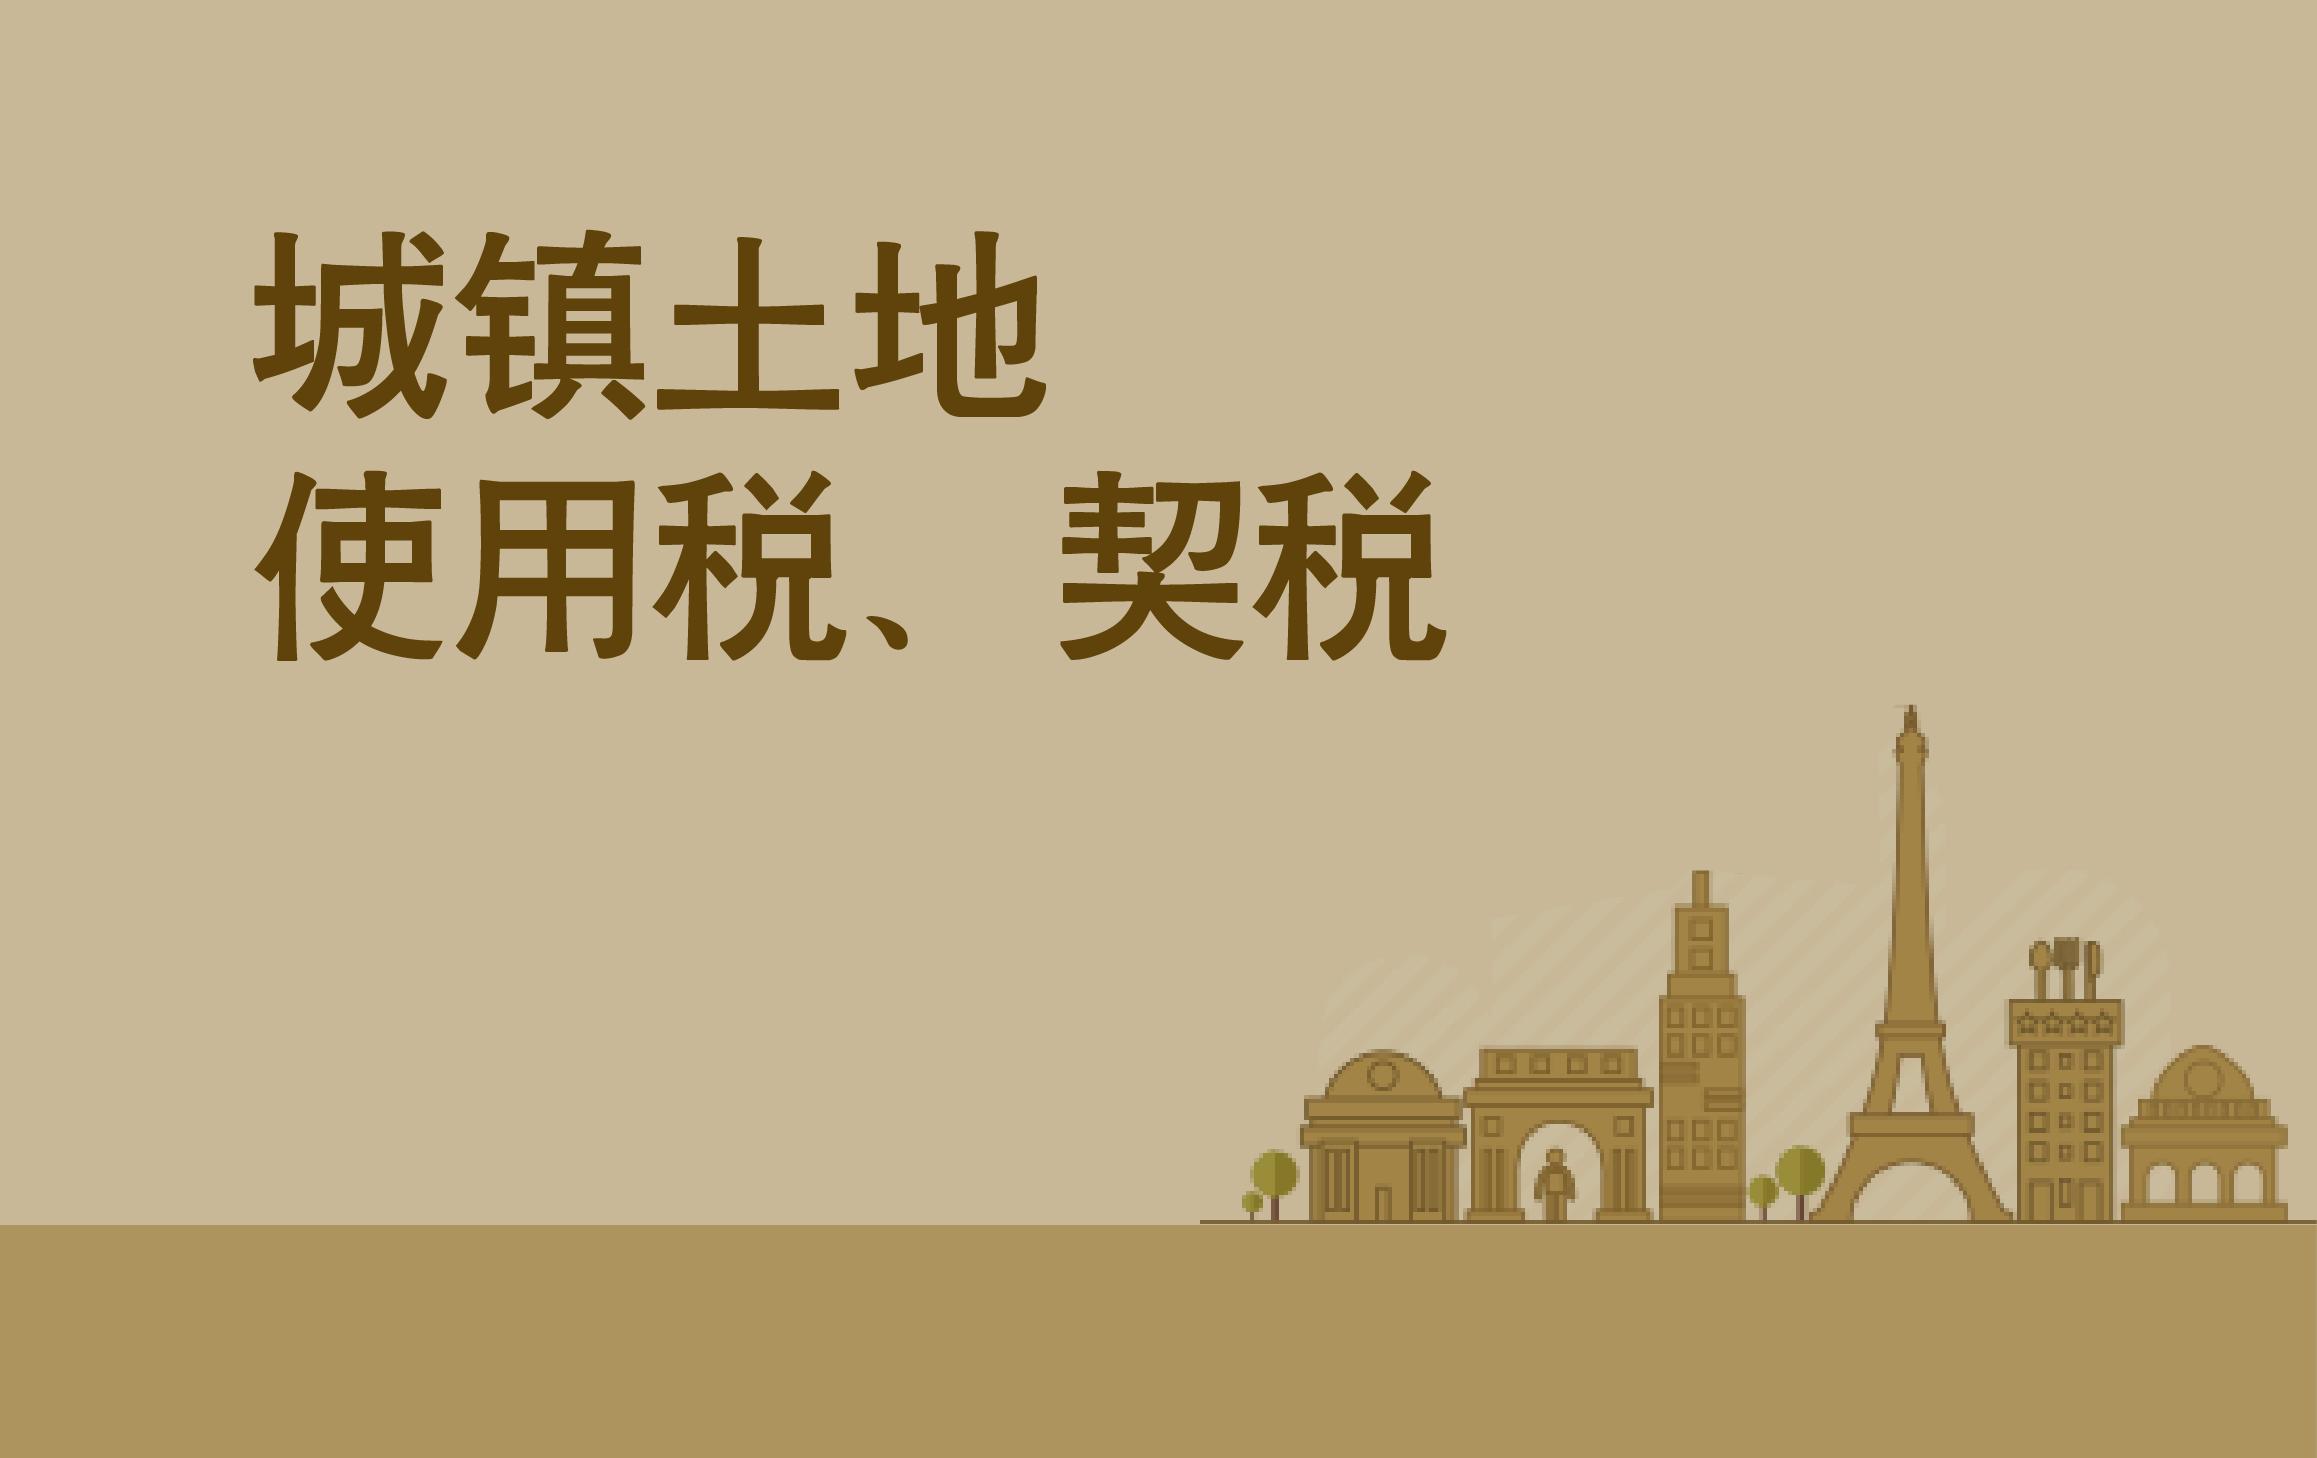 2015非房地产企业的房地产税务 I 城镇土地使用税、契税